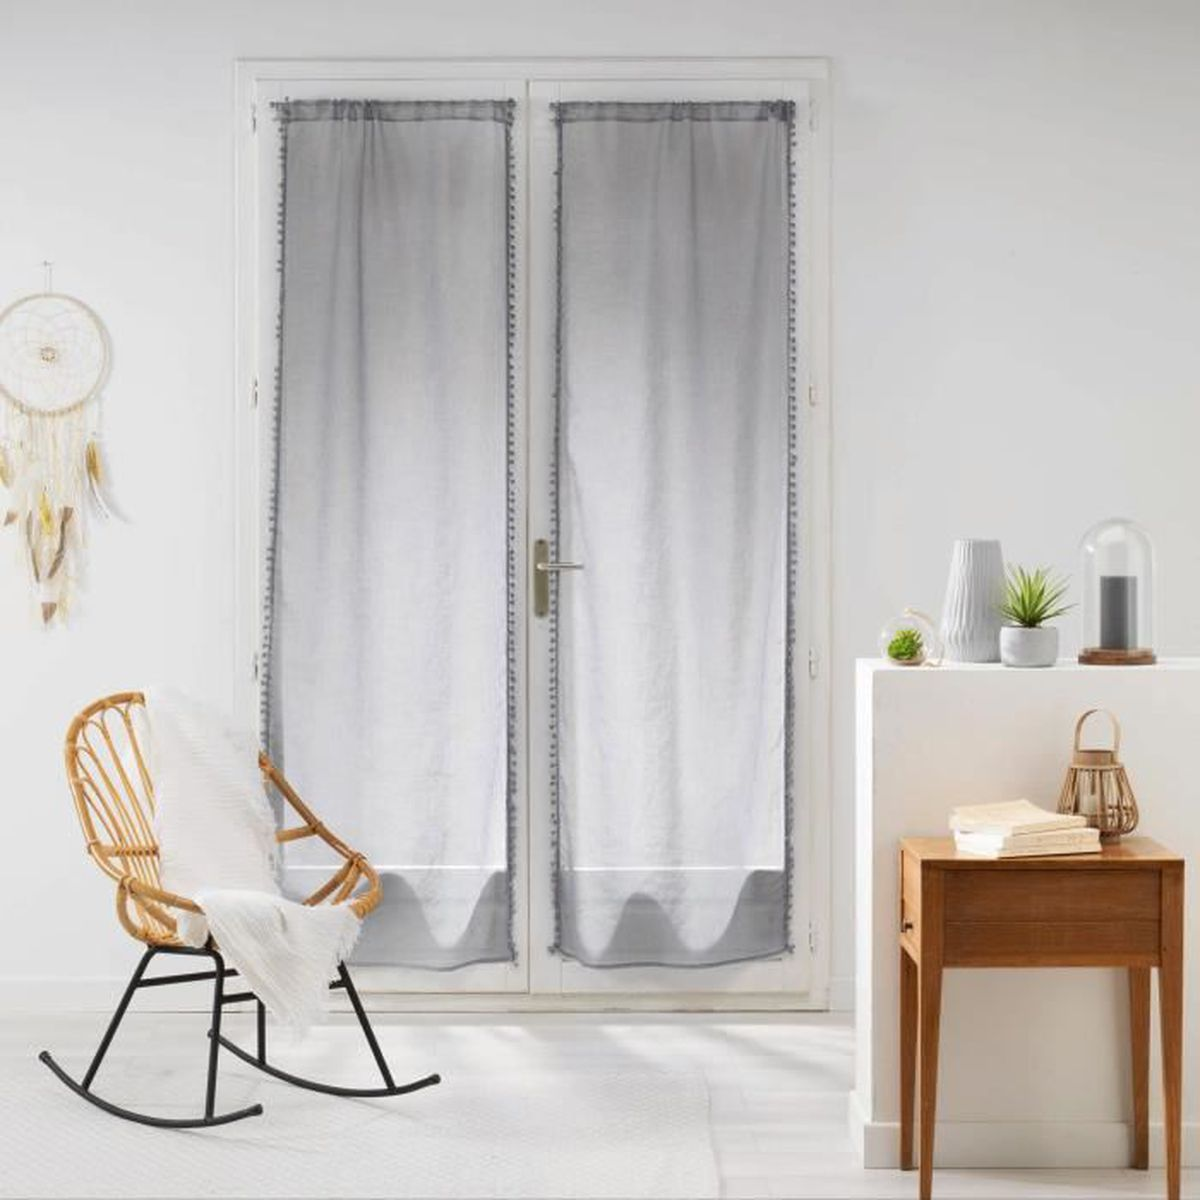 Photo De Rideau Pour Fenetre rideaux pour porte fenetre